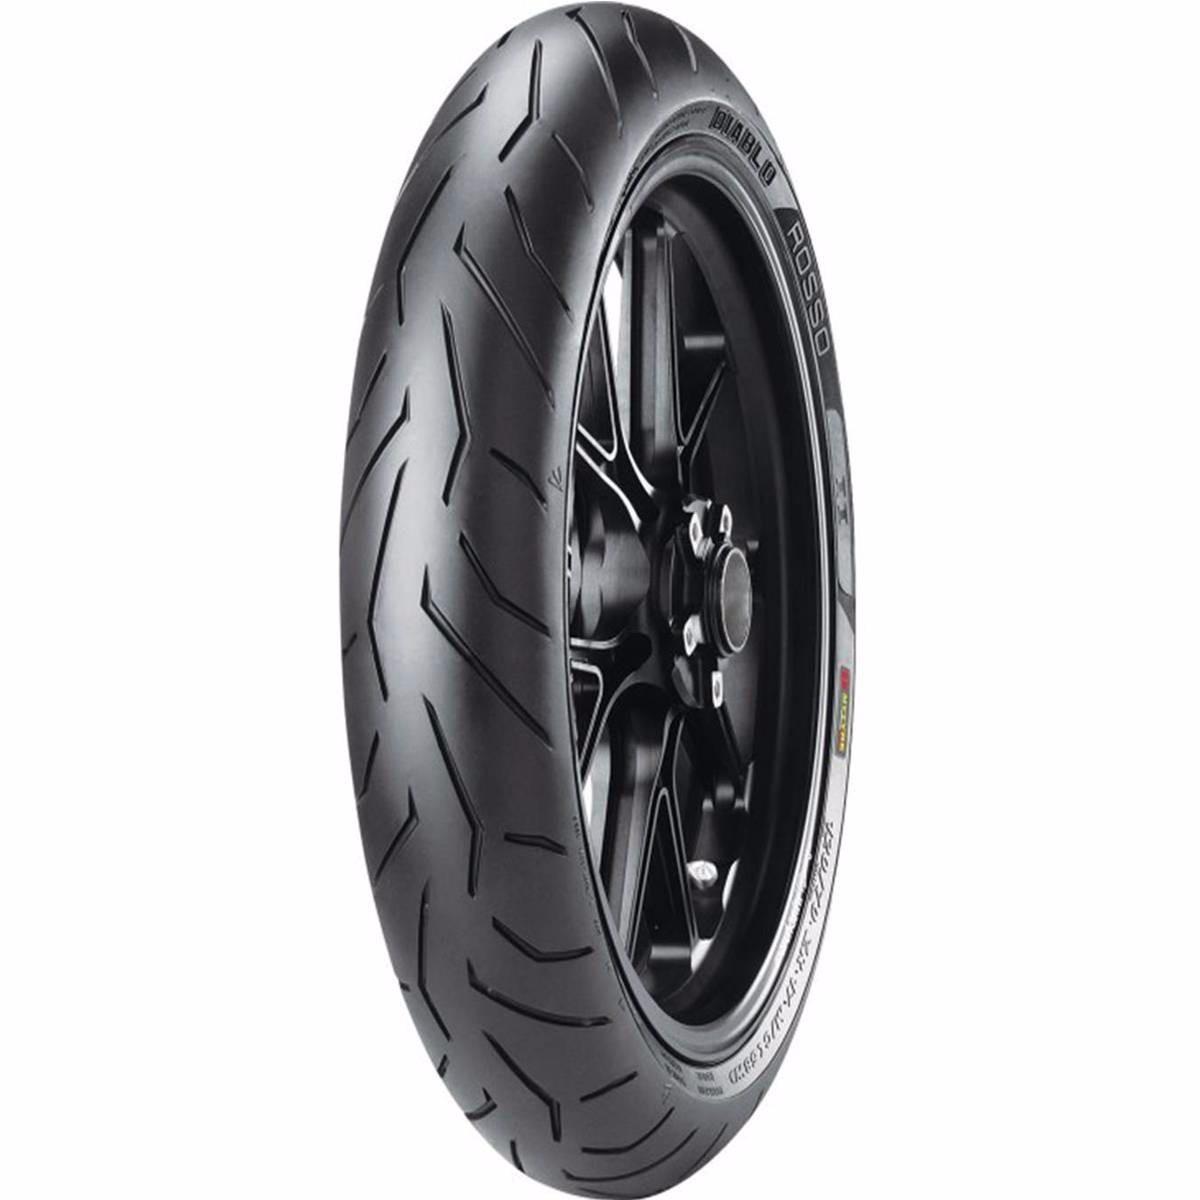 pneu pirelli 100 80 17 dianteiro moto cb300 fazer twister r 319 90 no mercadolivre. Black Bedroom Furniture Sets. Home Design Ideas